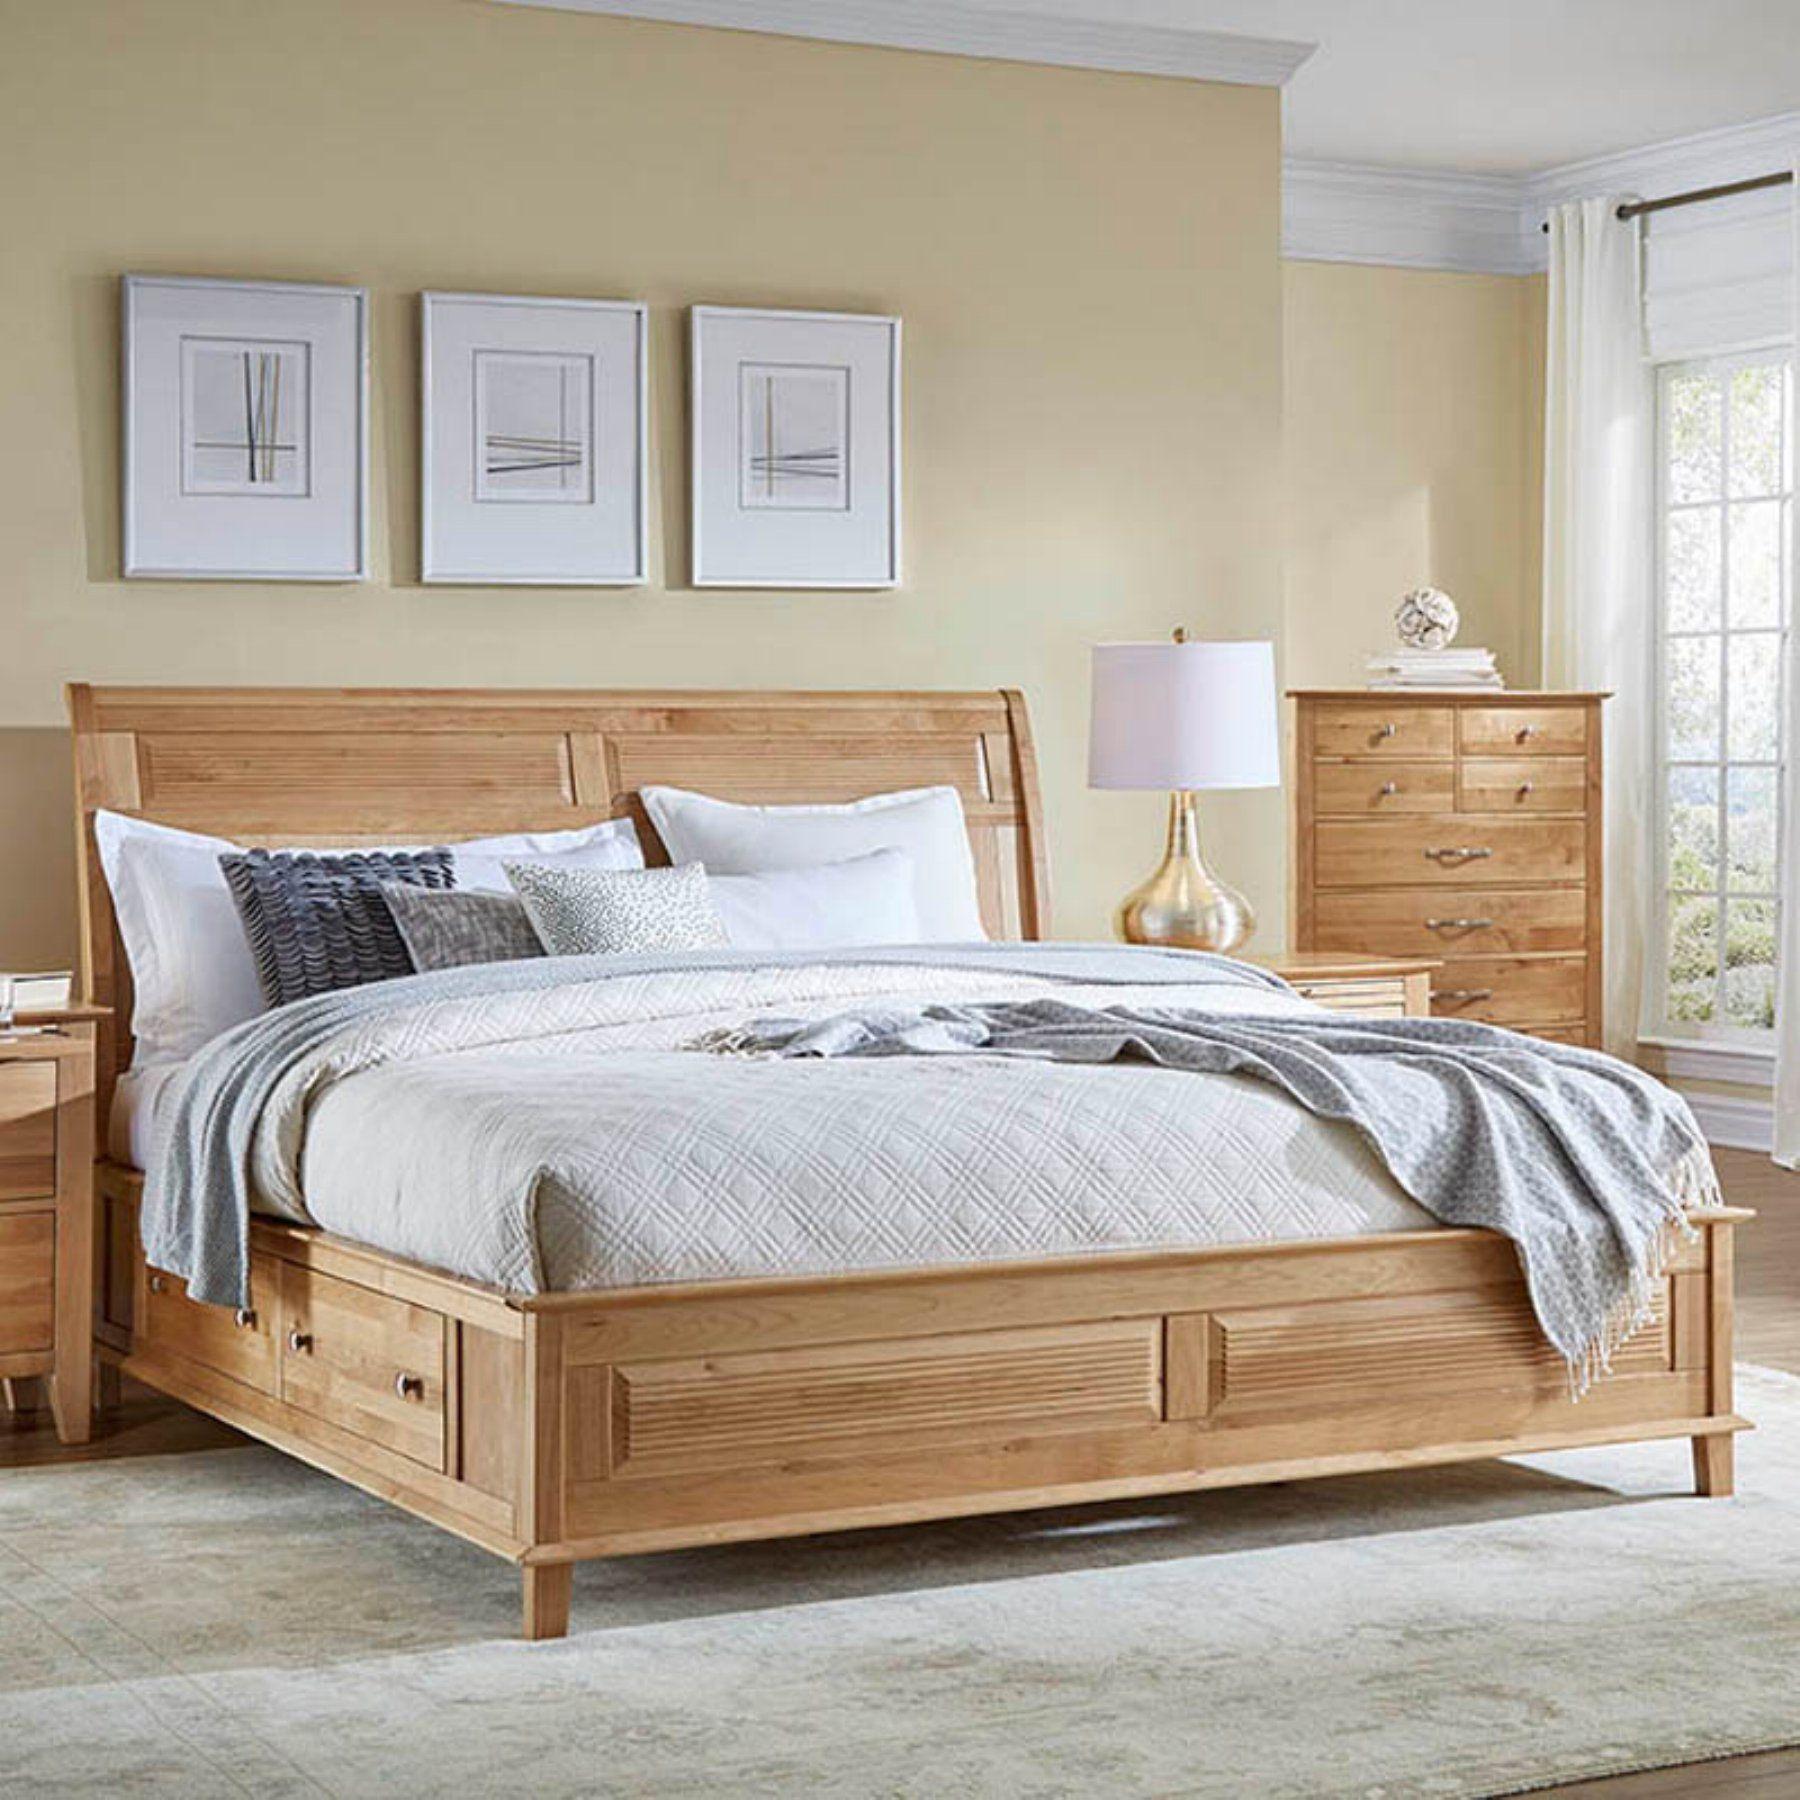 Kincaid Bedroom Furniture Used